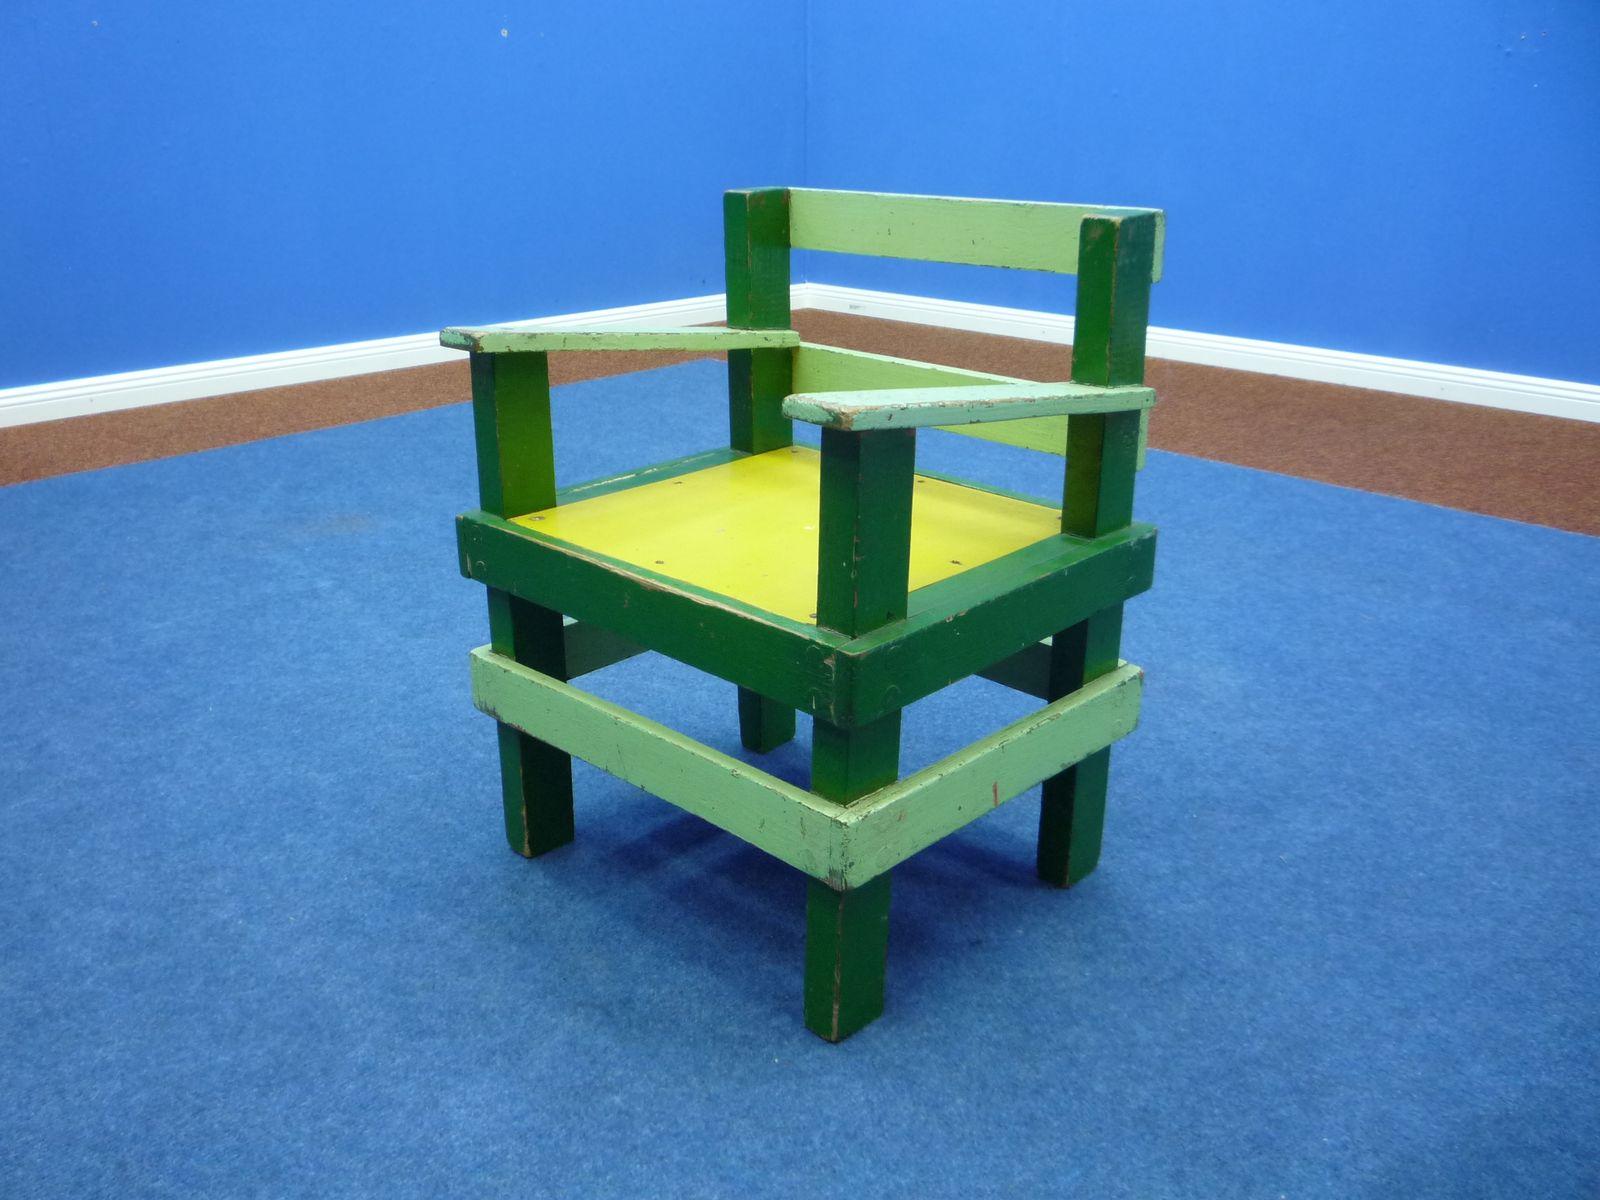 chaise d 39 enfant vintage style bauhaus en bois en vente sur. Black Bedroom Furniture Sets. Home Design Ideas